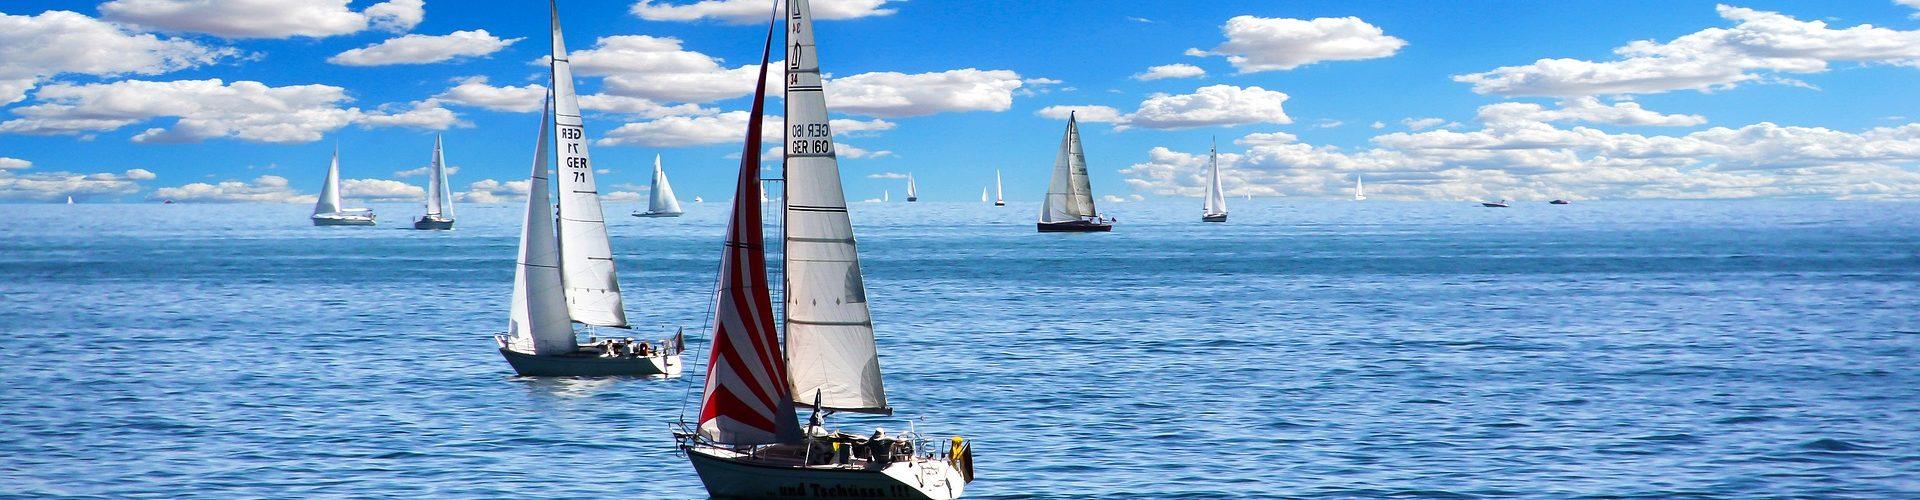 segeln lernen in Öhringen segelschein machen in Öhringen 1920x500 - Segeln lernen in Öhringen